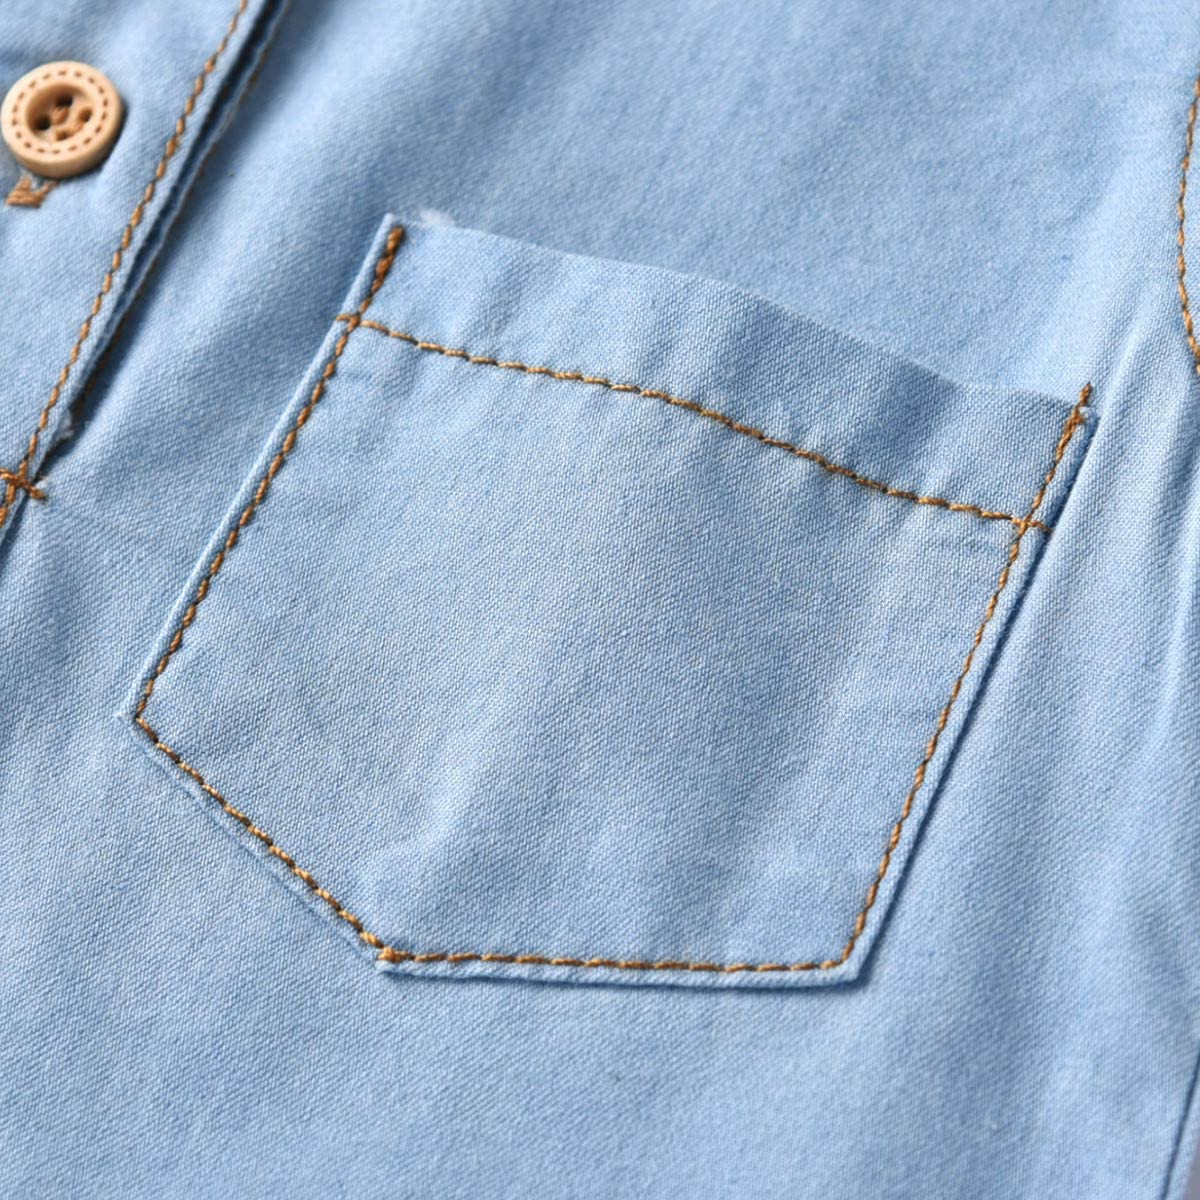 Dinlong Summer Baby Infant Girls Kids Fashion Casual Denim Sleeveless Shirt Ruffle Dress Sundress